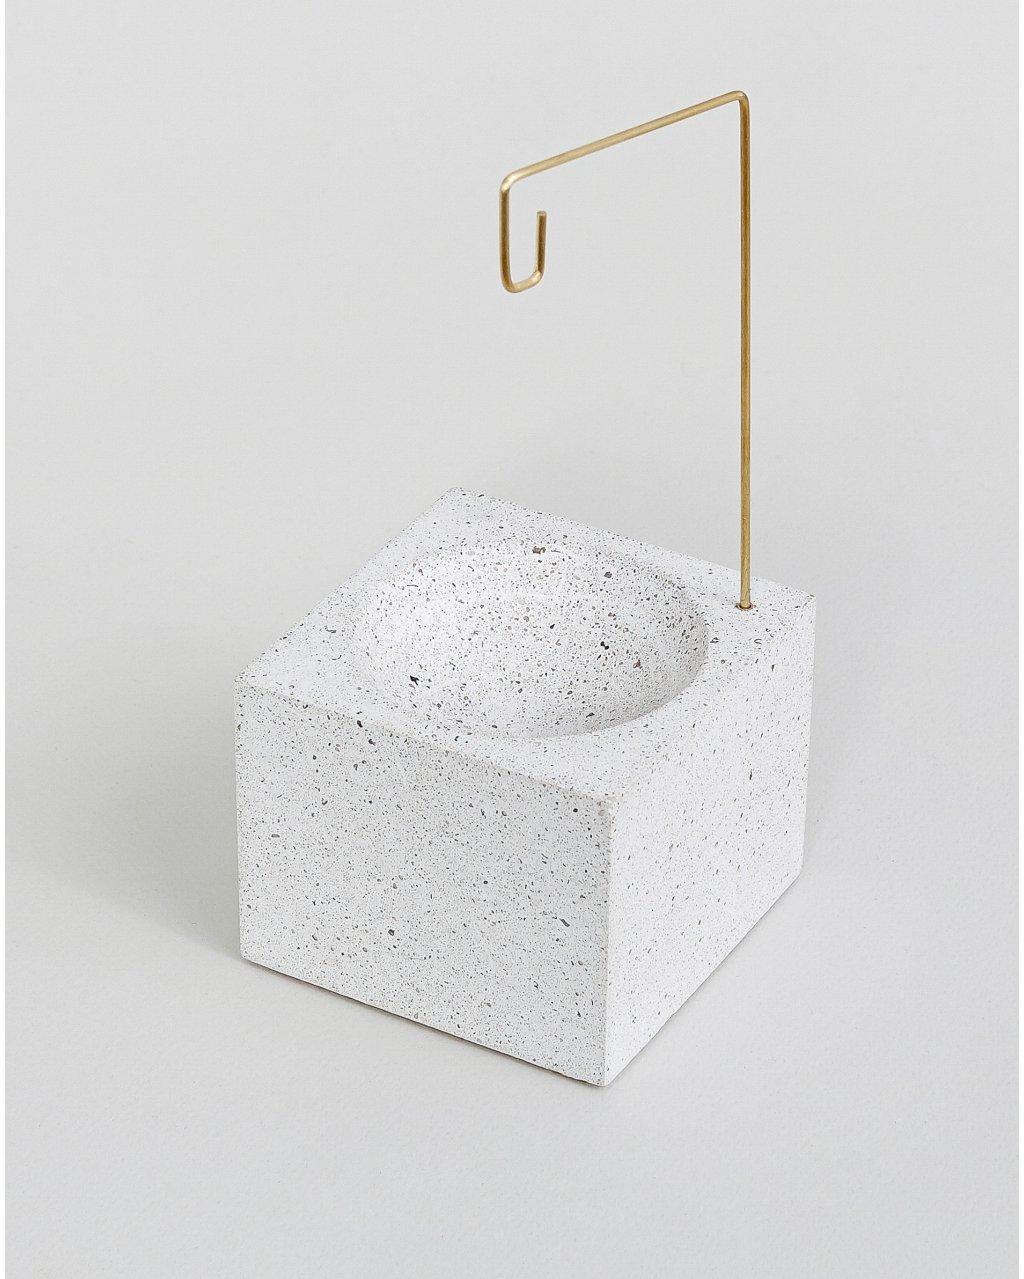 Stojan na vykuřovací provázky z betonu Concrete